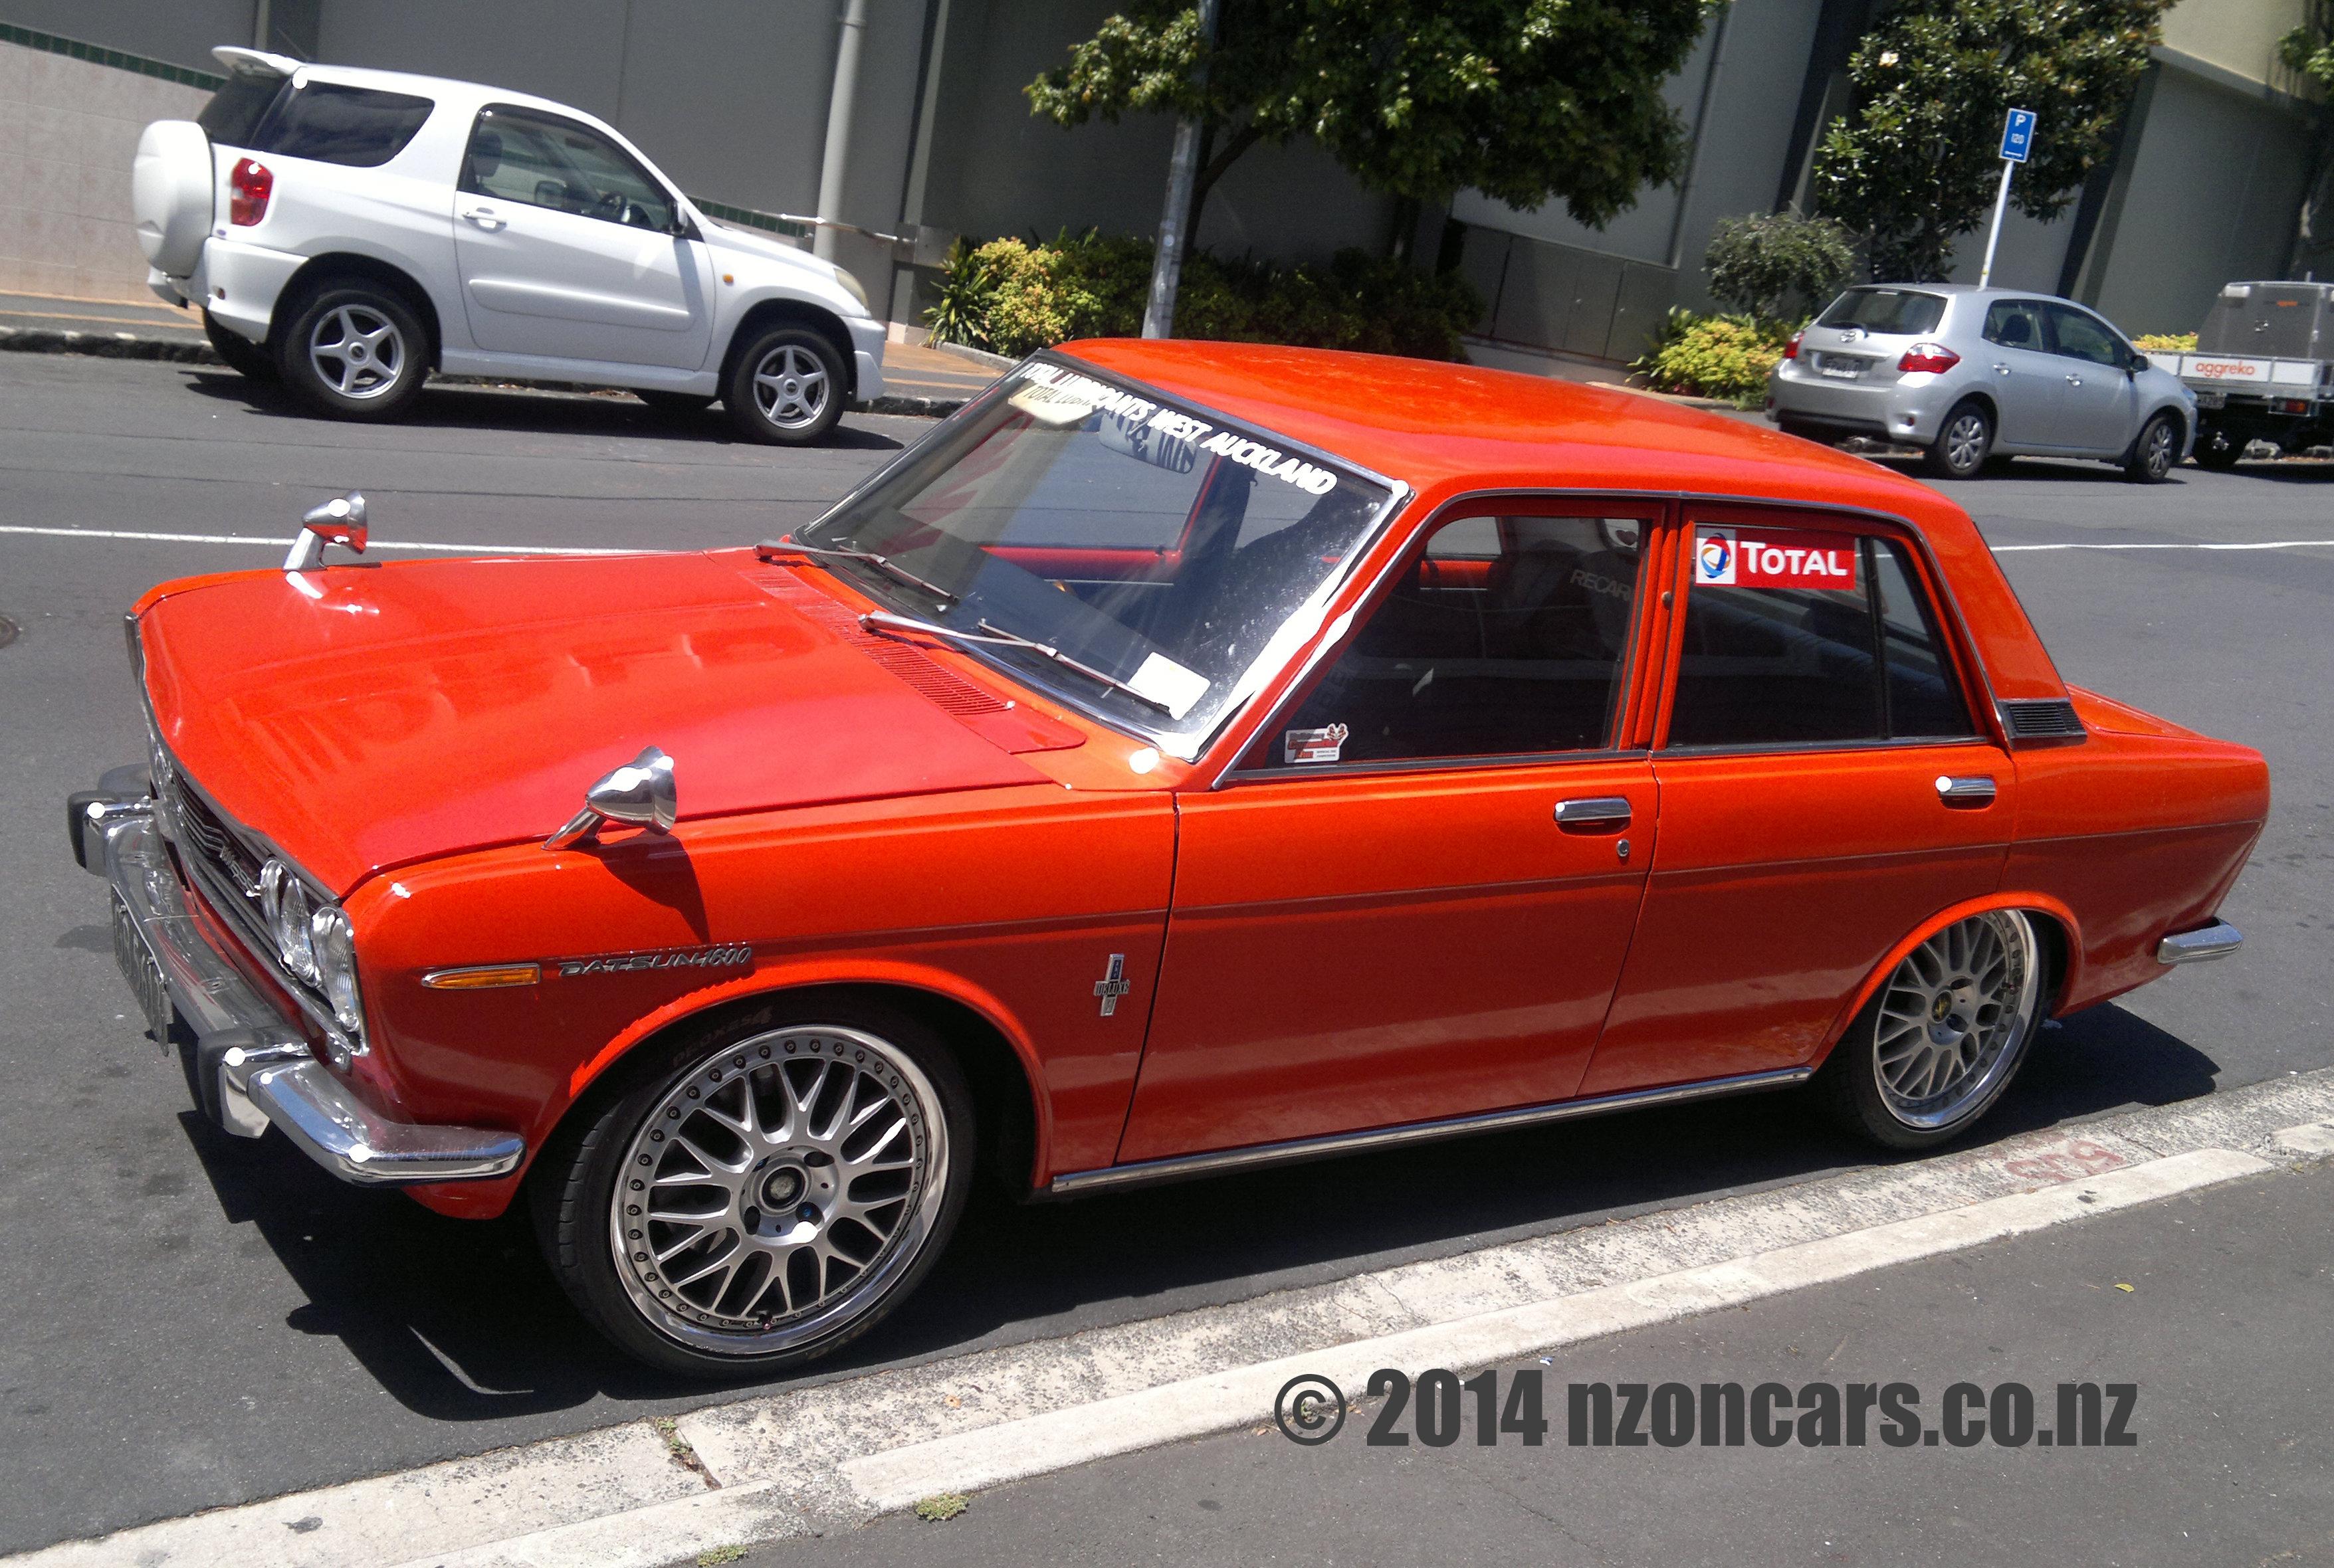 Hot Cars | NZ On Cars